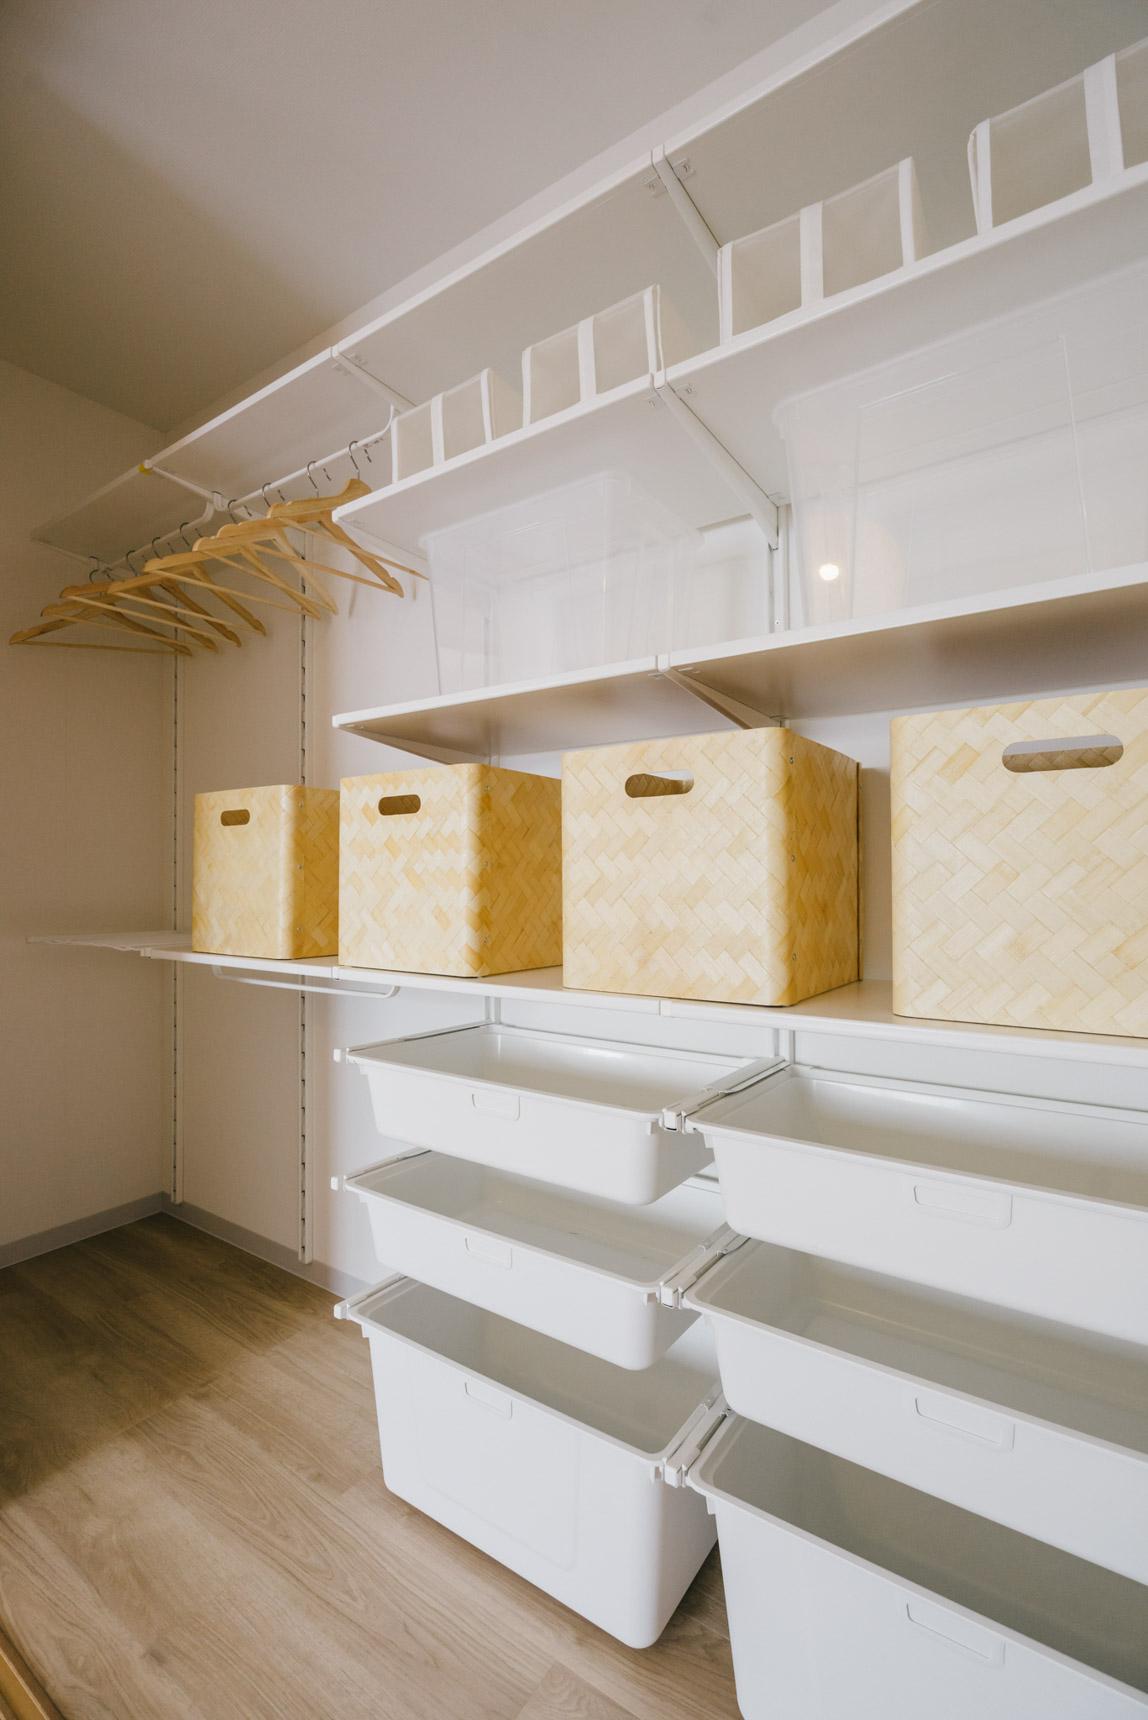 嬉しかったのは、和室のクローゼット。天井まである大型収納には、イケアのアルゴートシステムが備え付け。自分でいろんな風にカスタマイズして使いたいですね。